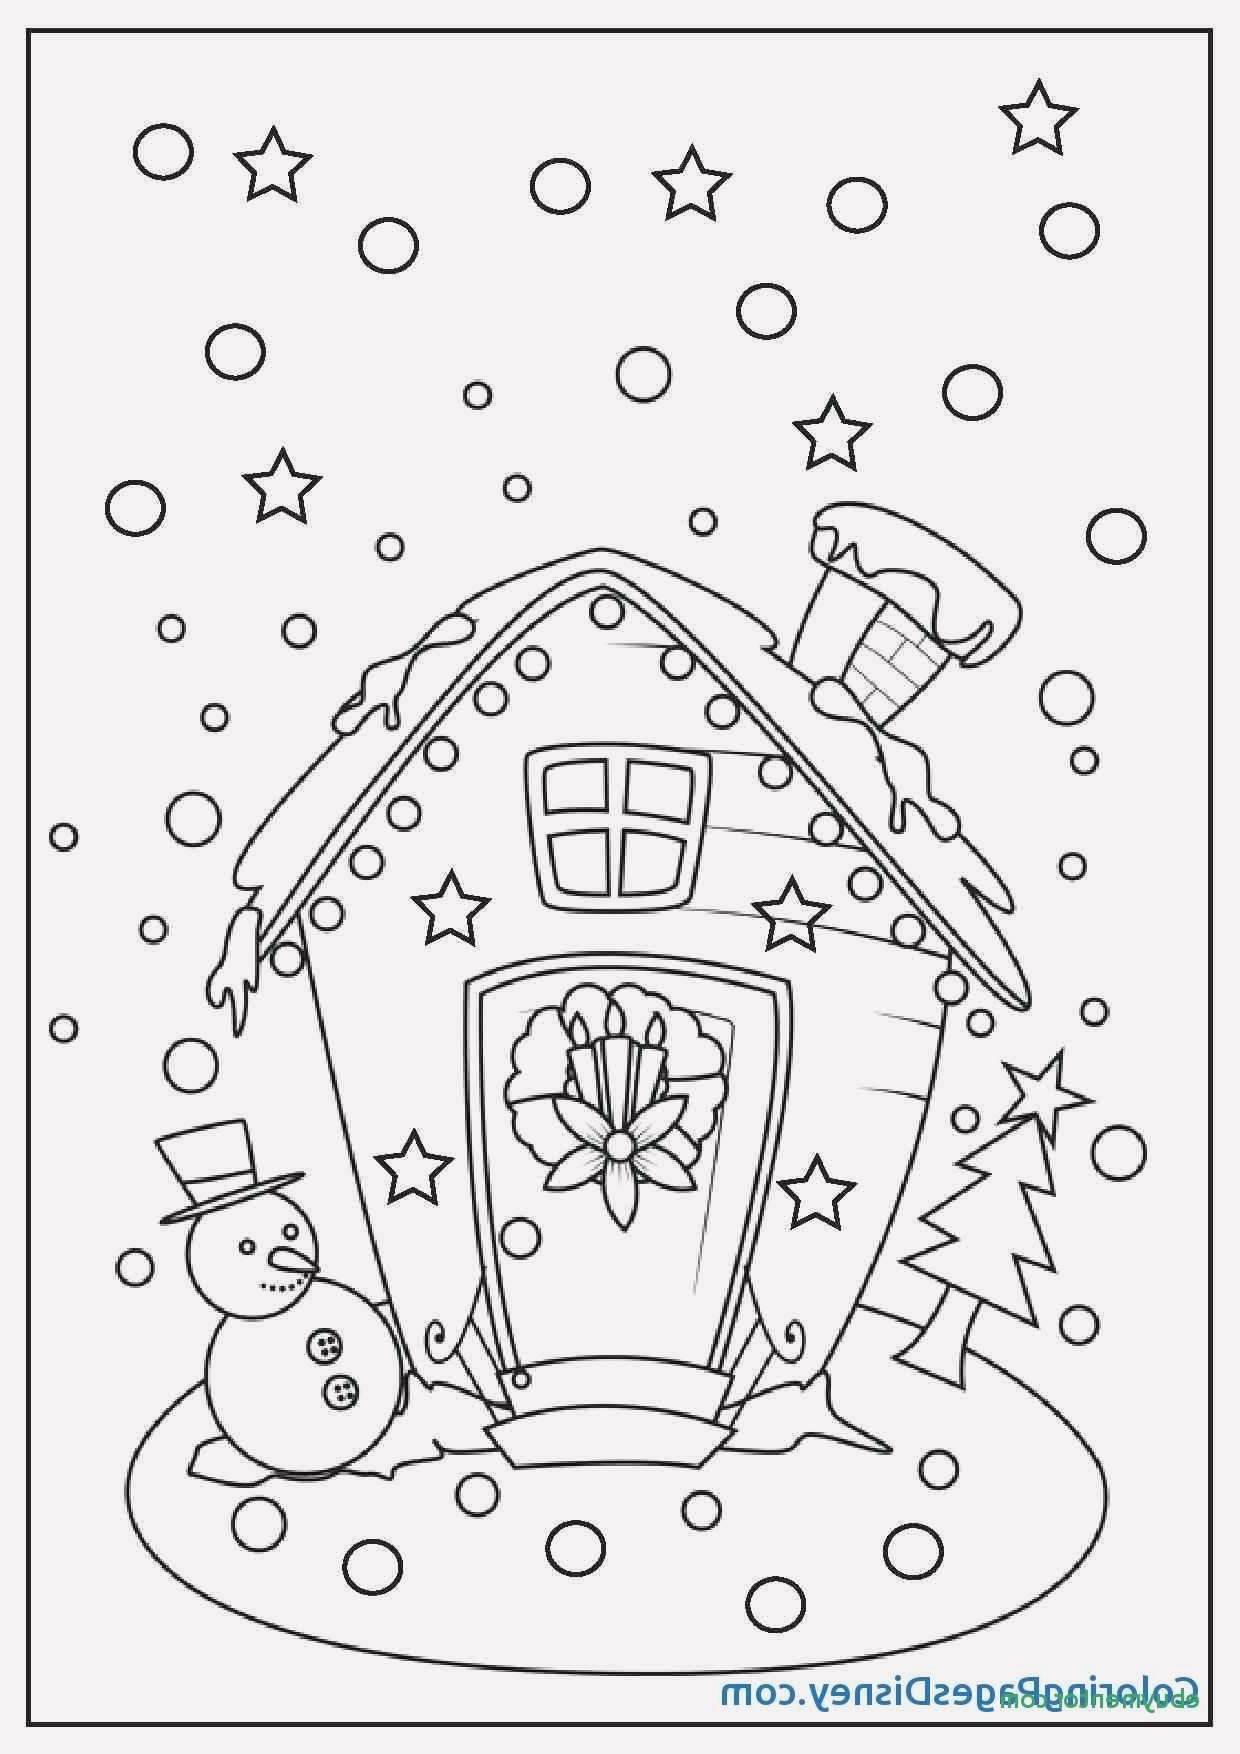 Ausmalbilder Weihnachten Bilder Neu Olaf Zum Ausmalen Genial 34 Frisch Weihnachten Ausmalbilder Bild